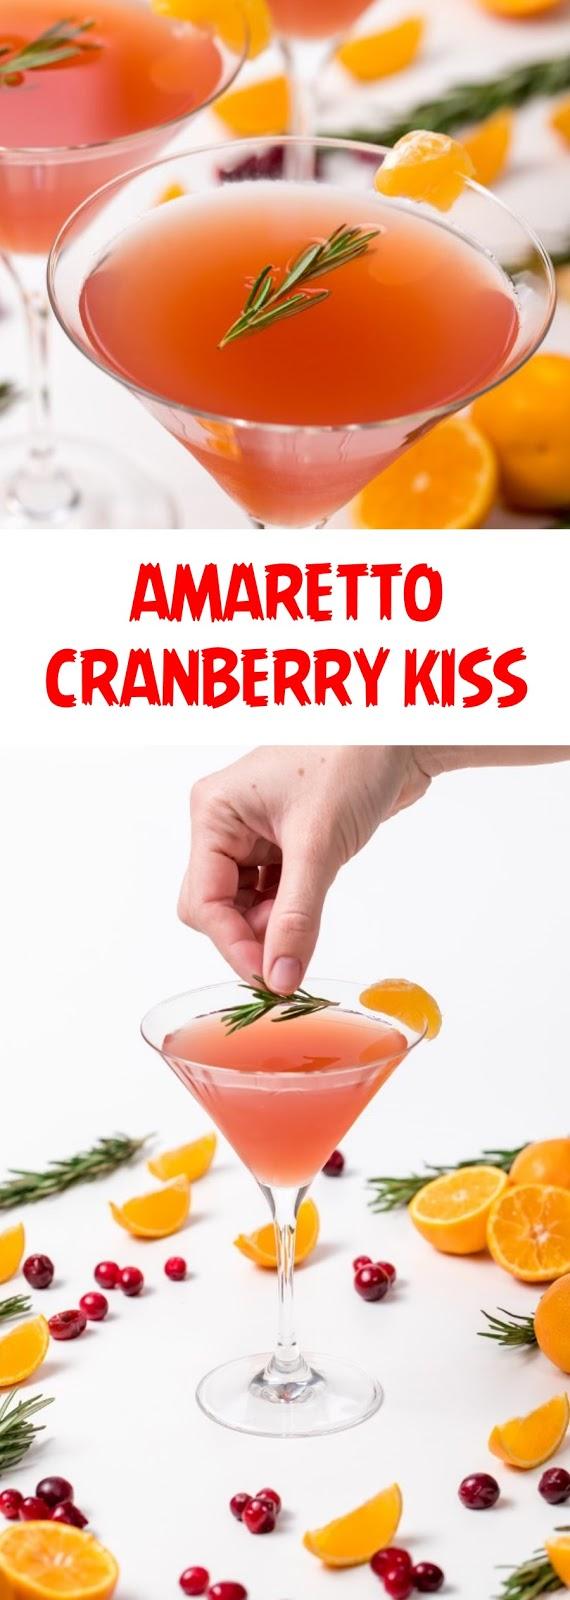 Amaretto-cranberry kiss